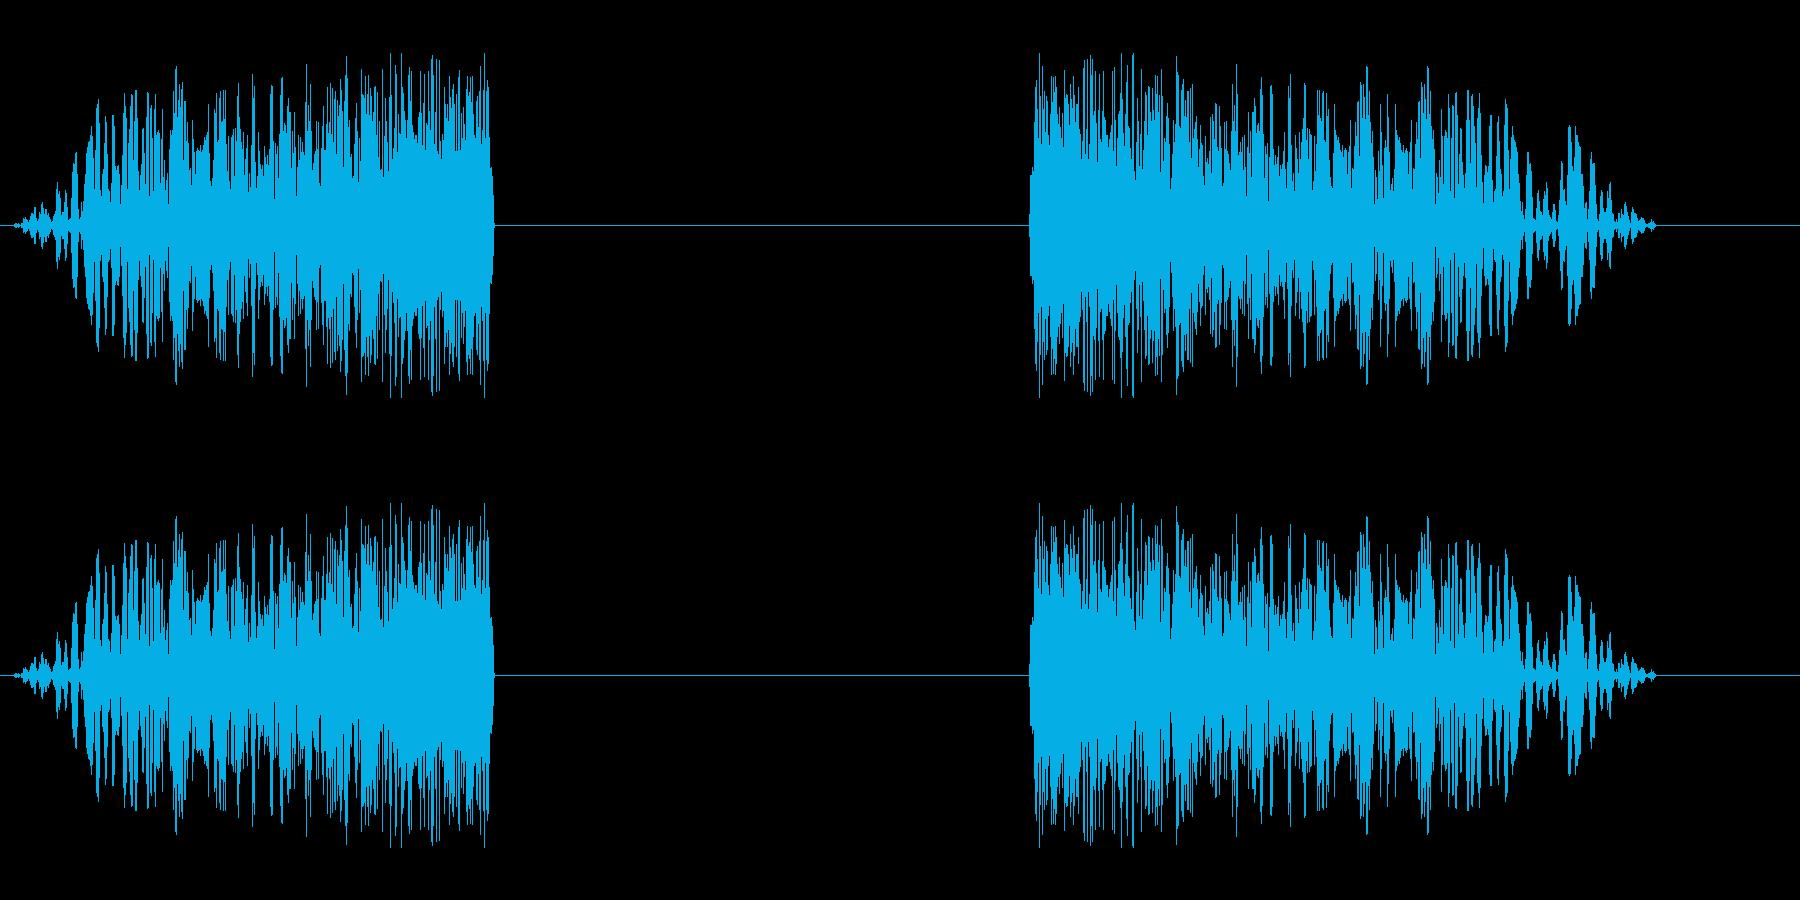 シュイビシューン(風の音)停止ありの再生済みの波形